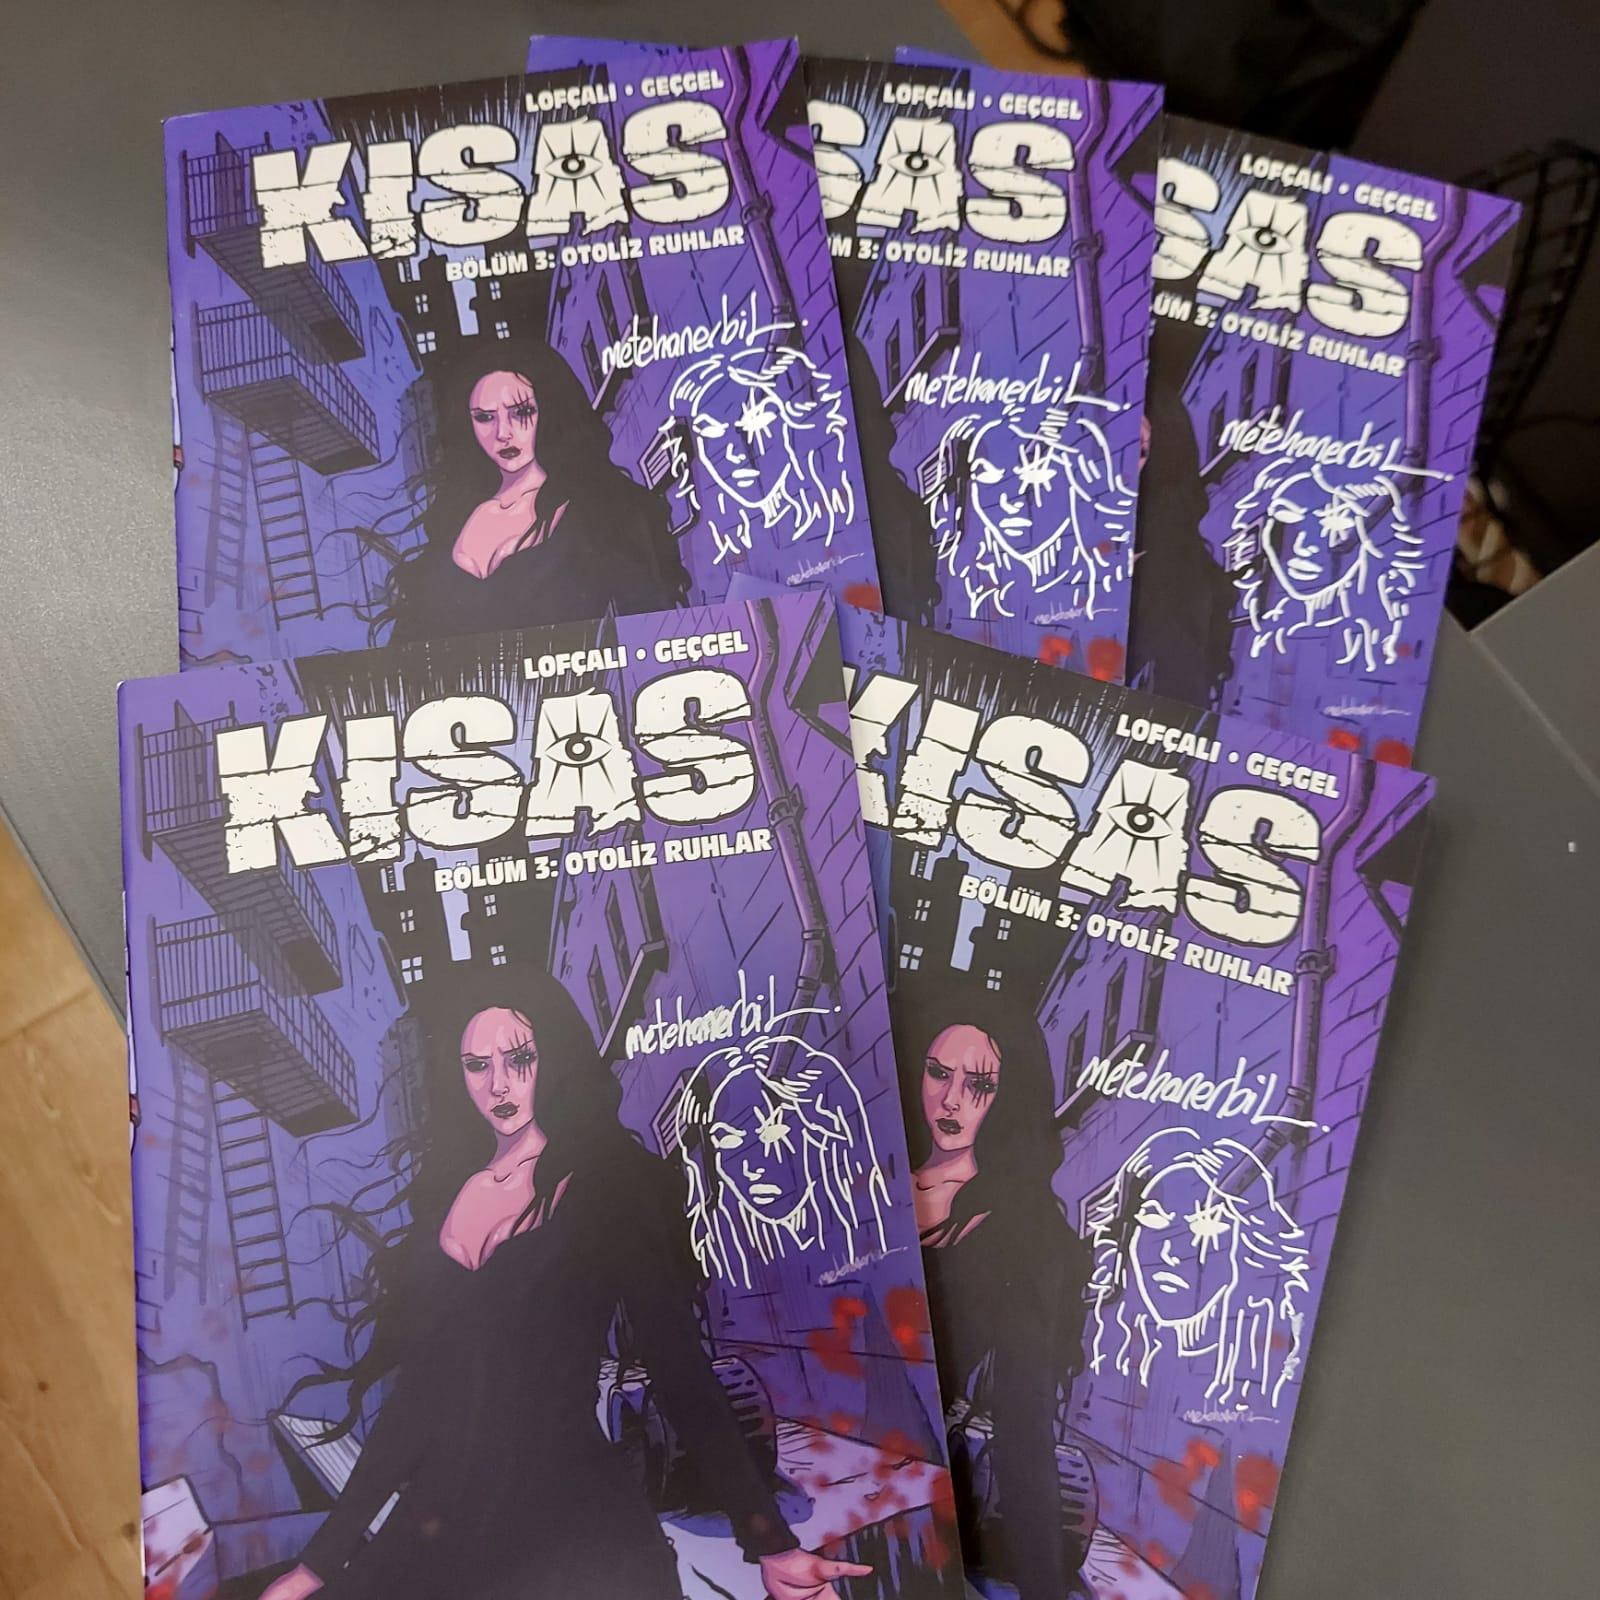 KISAS - Bölüm 3: Otoliz Ruhlar - Presstij Dükkan Variantı (METEHAN ERBİL REMARKLI)